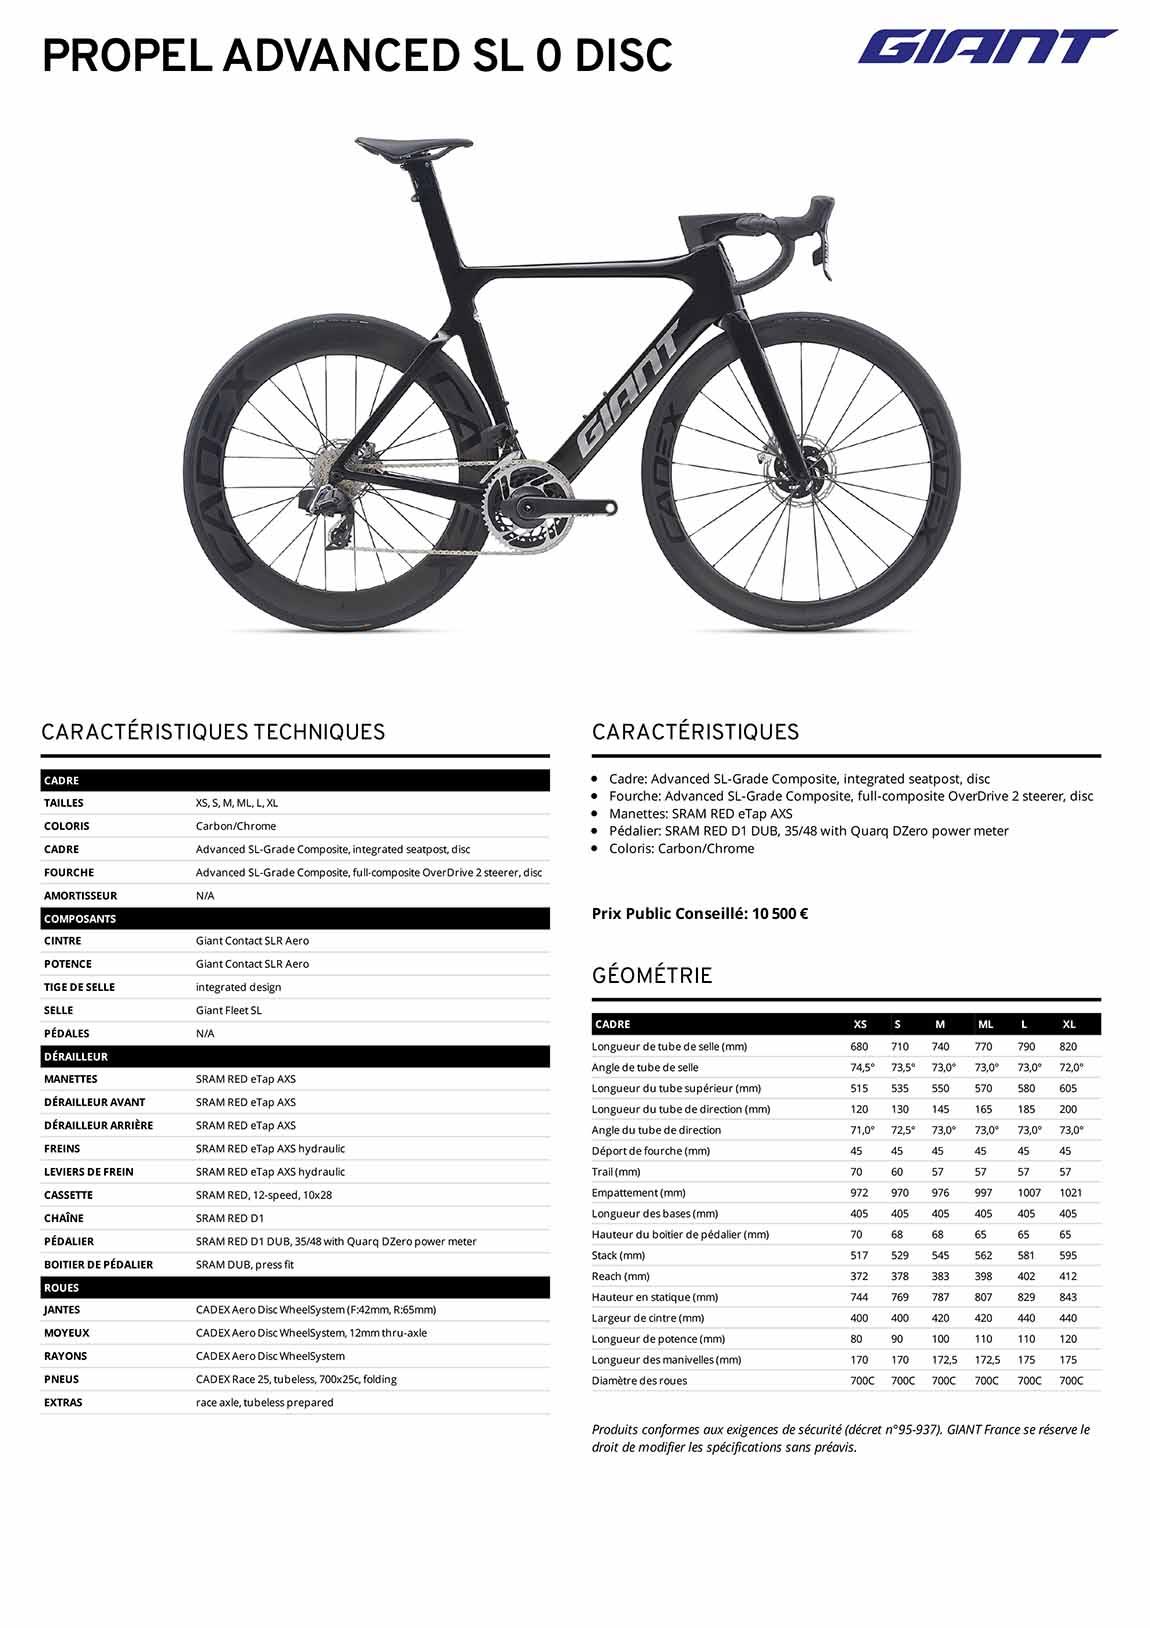 Fiche technique du vélo Giant Propel Advanced SL 0 Disc 2021